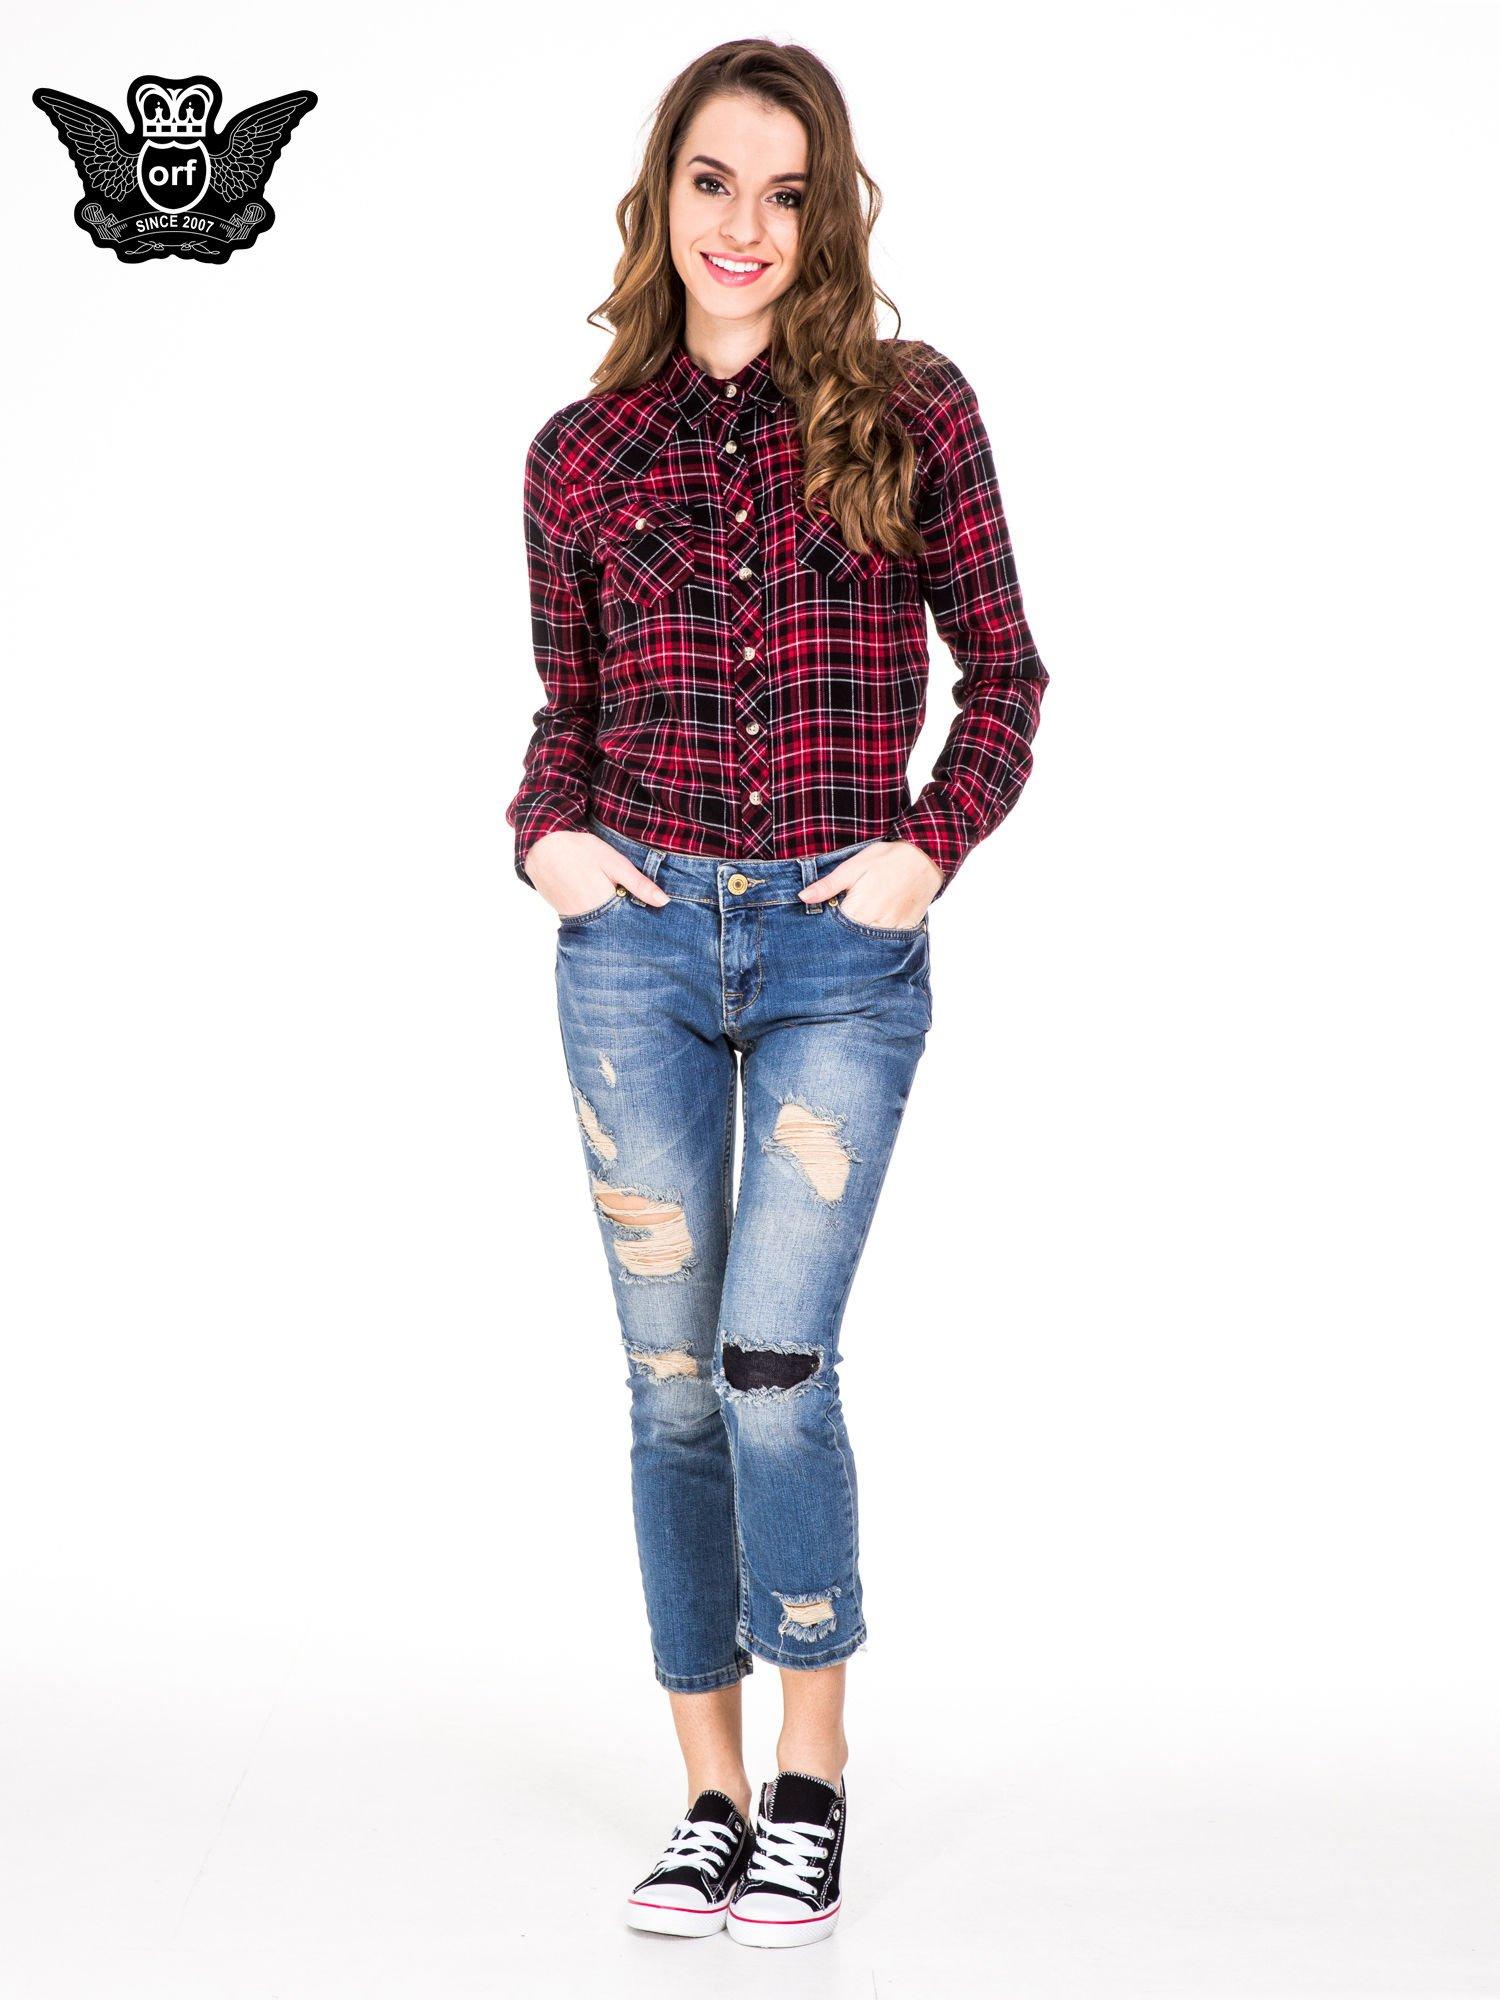 Niebieskie spodnie jeansowe rurki 7/8 z łatą i dziurami                                  zdj.                                  2